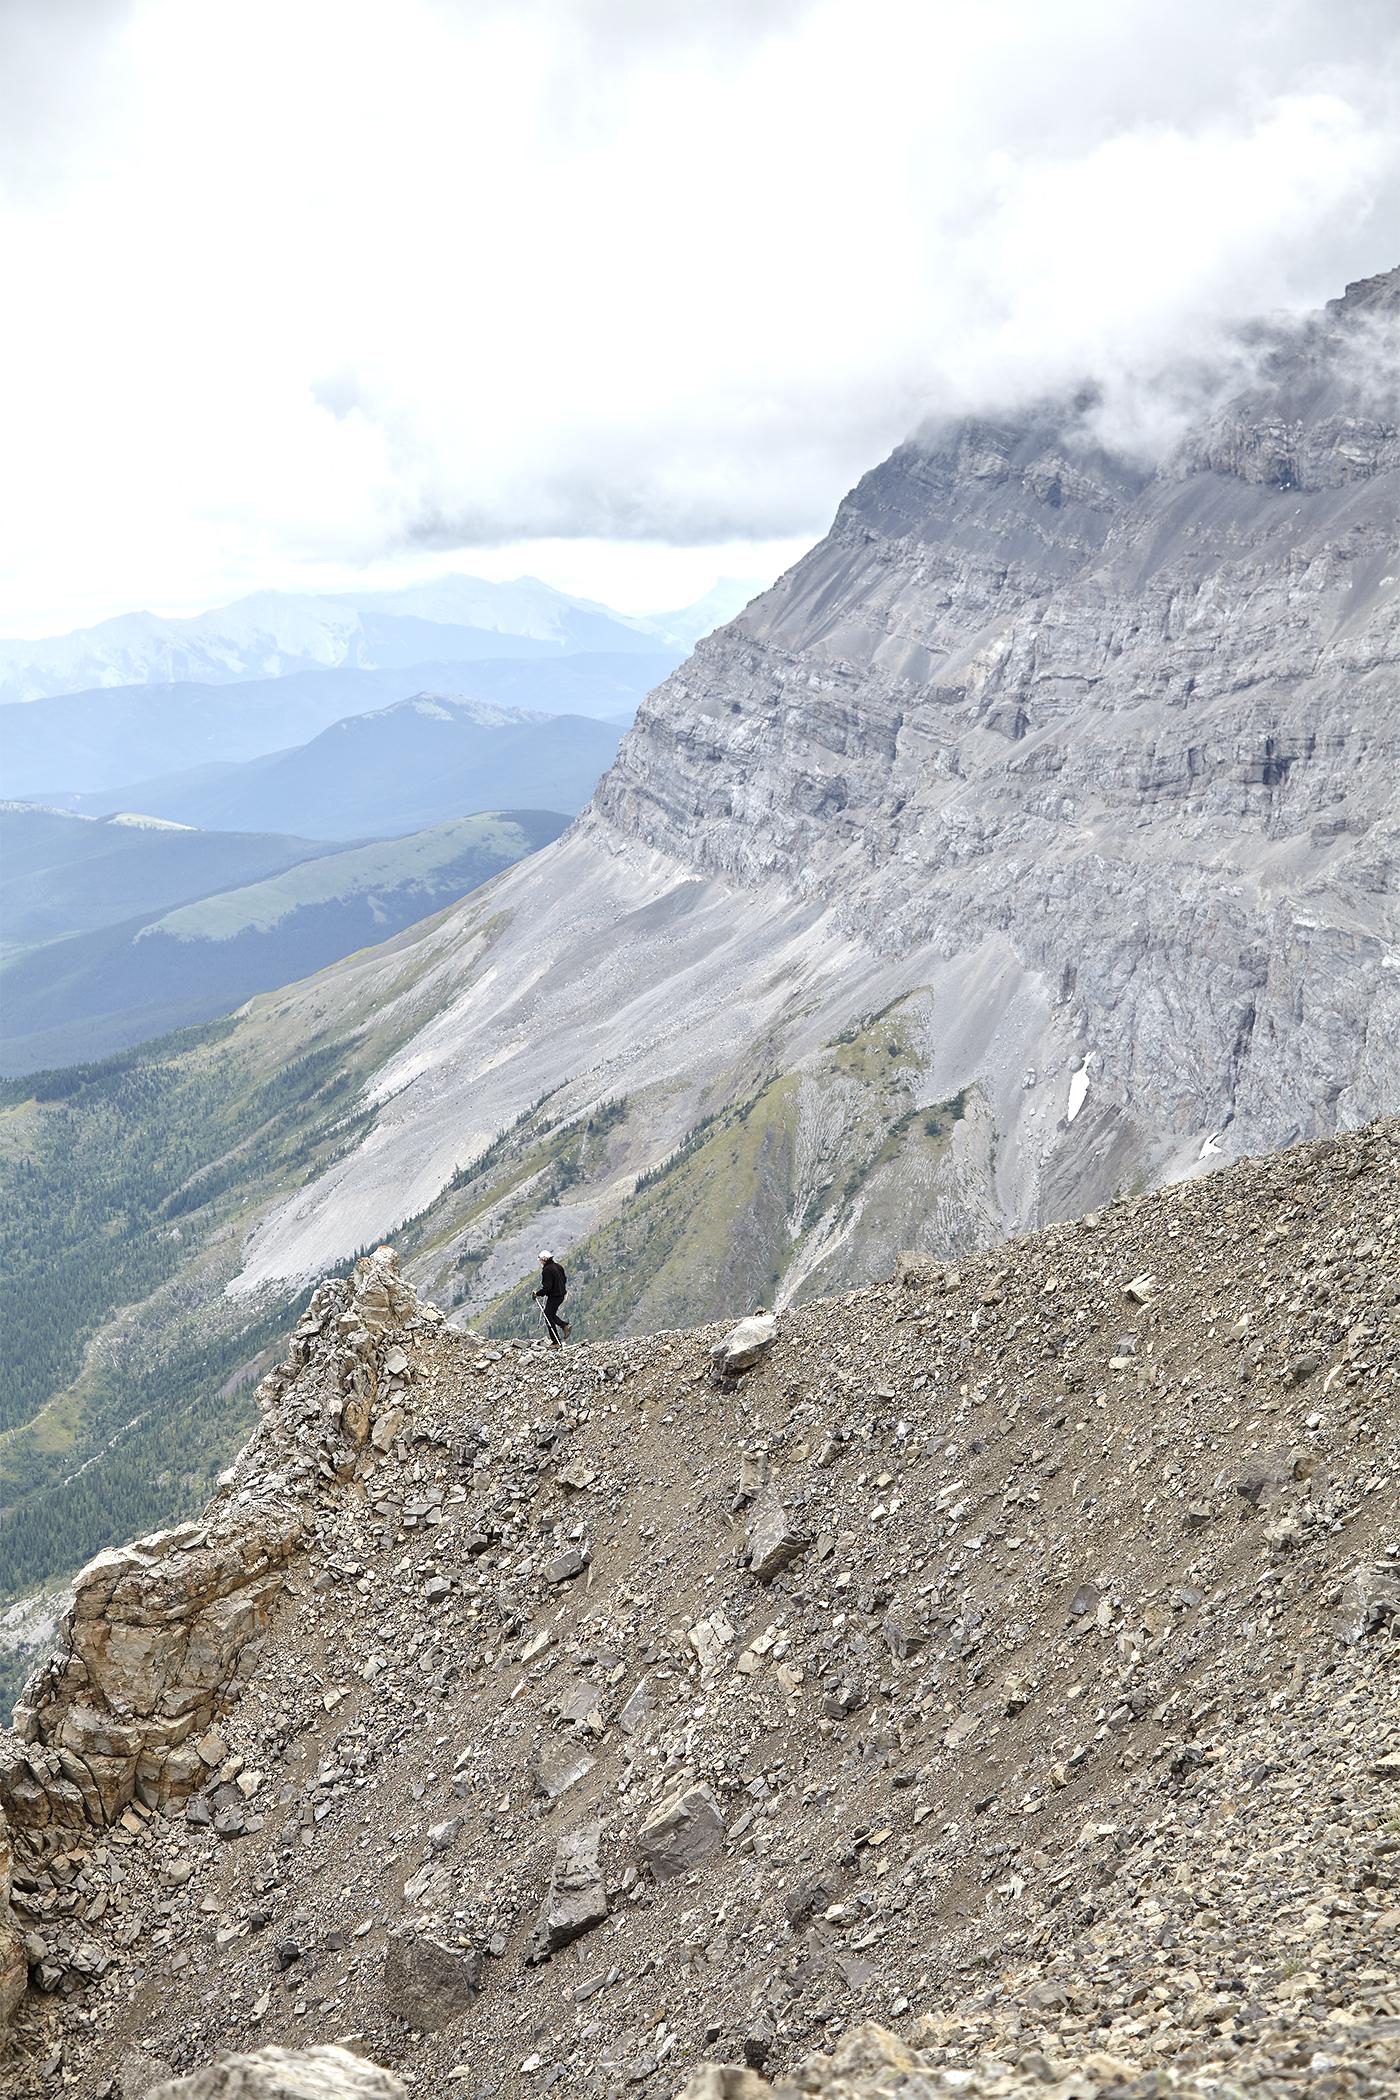 Wayne hikes down to check out a pinnacle.